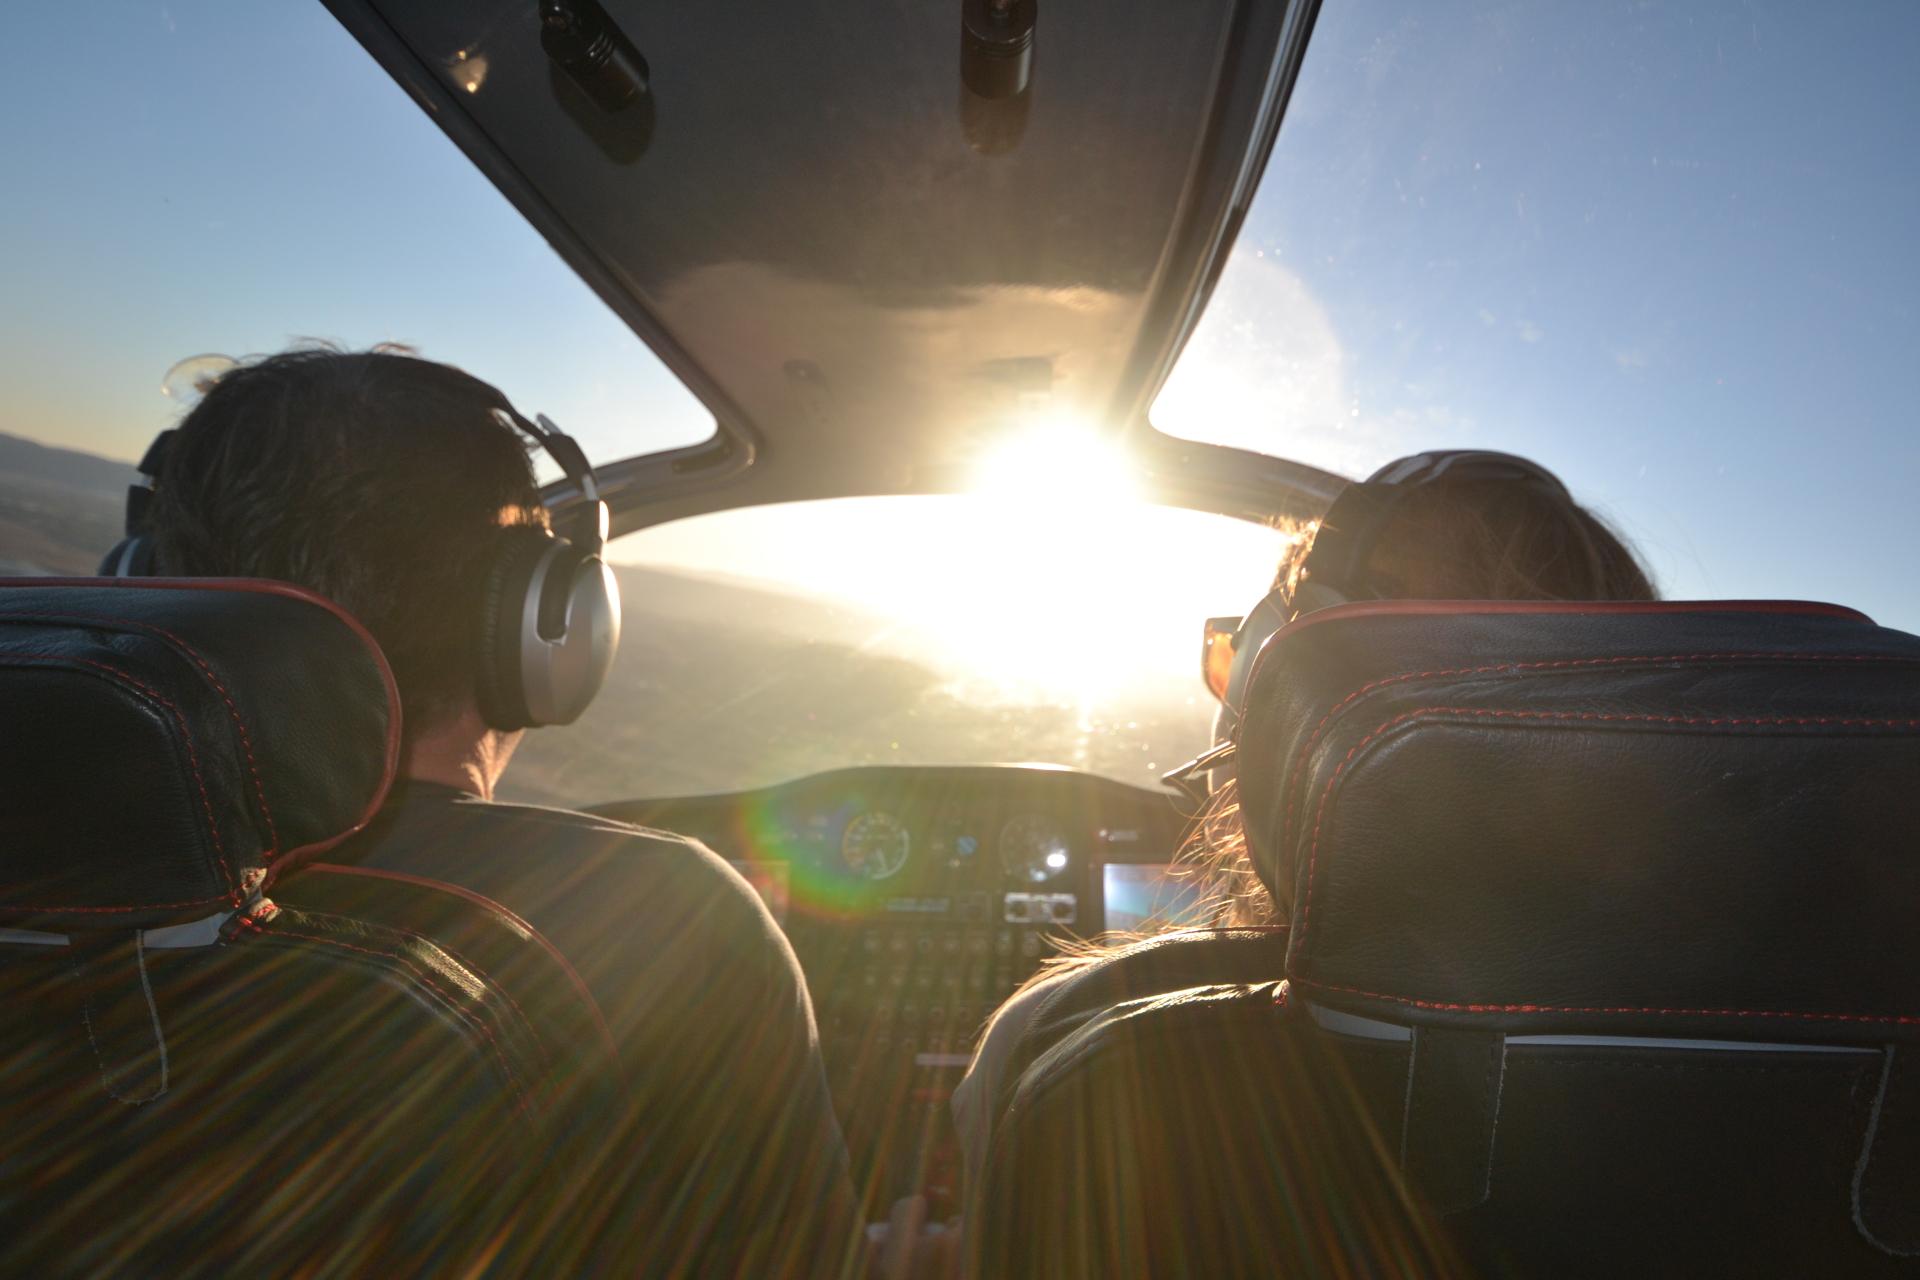 Sharing aviation